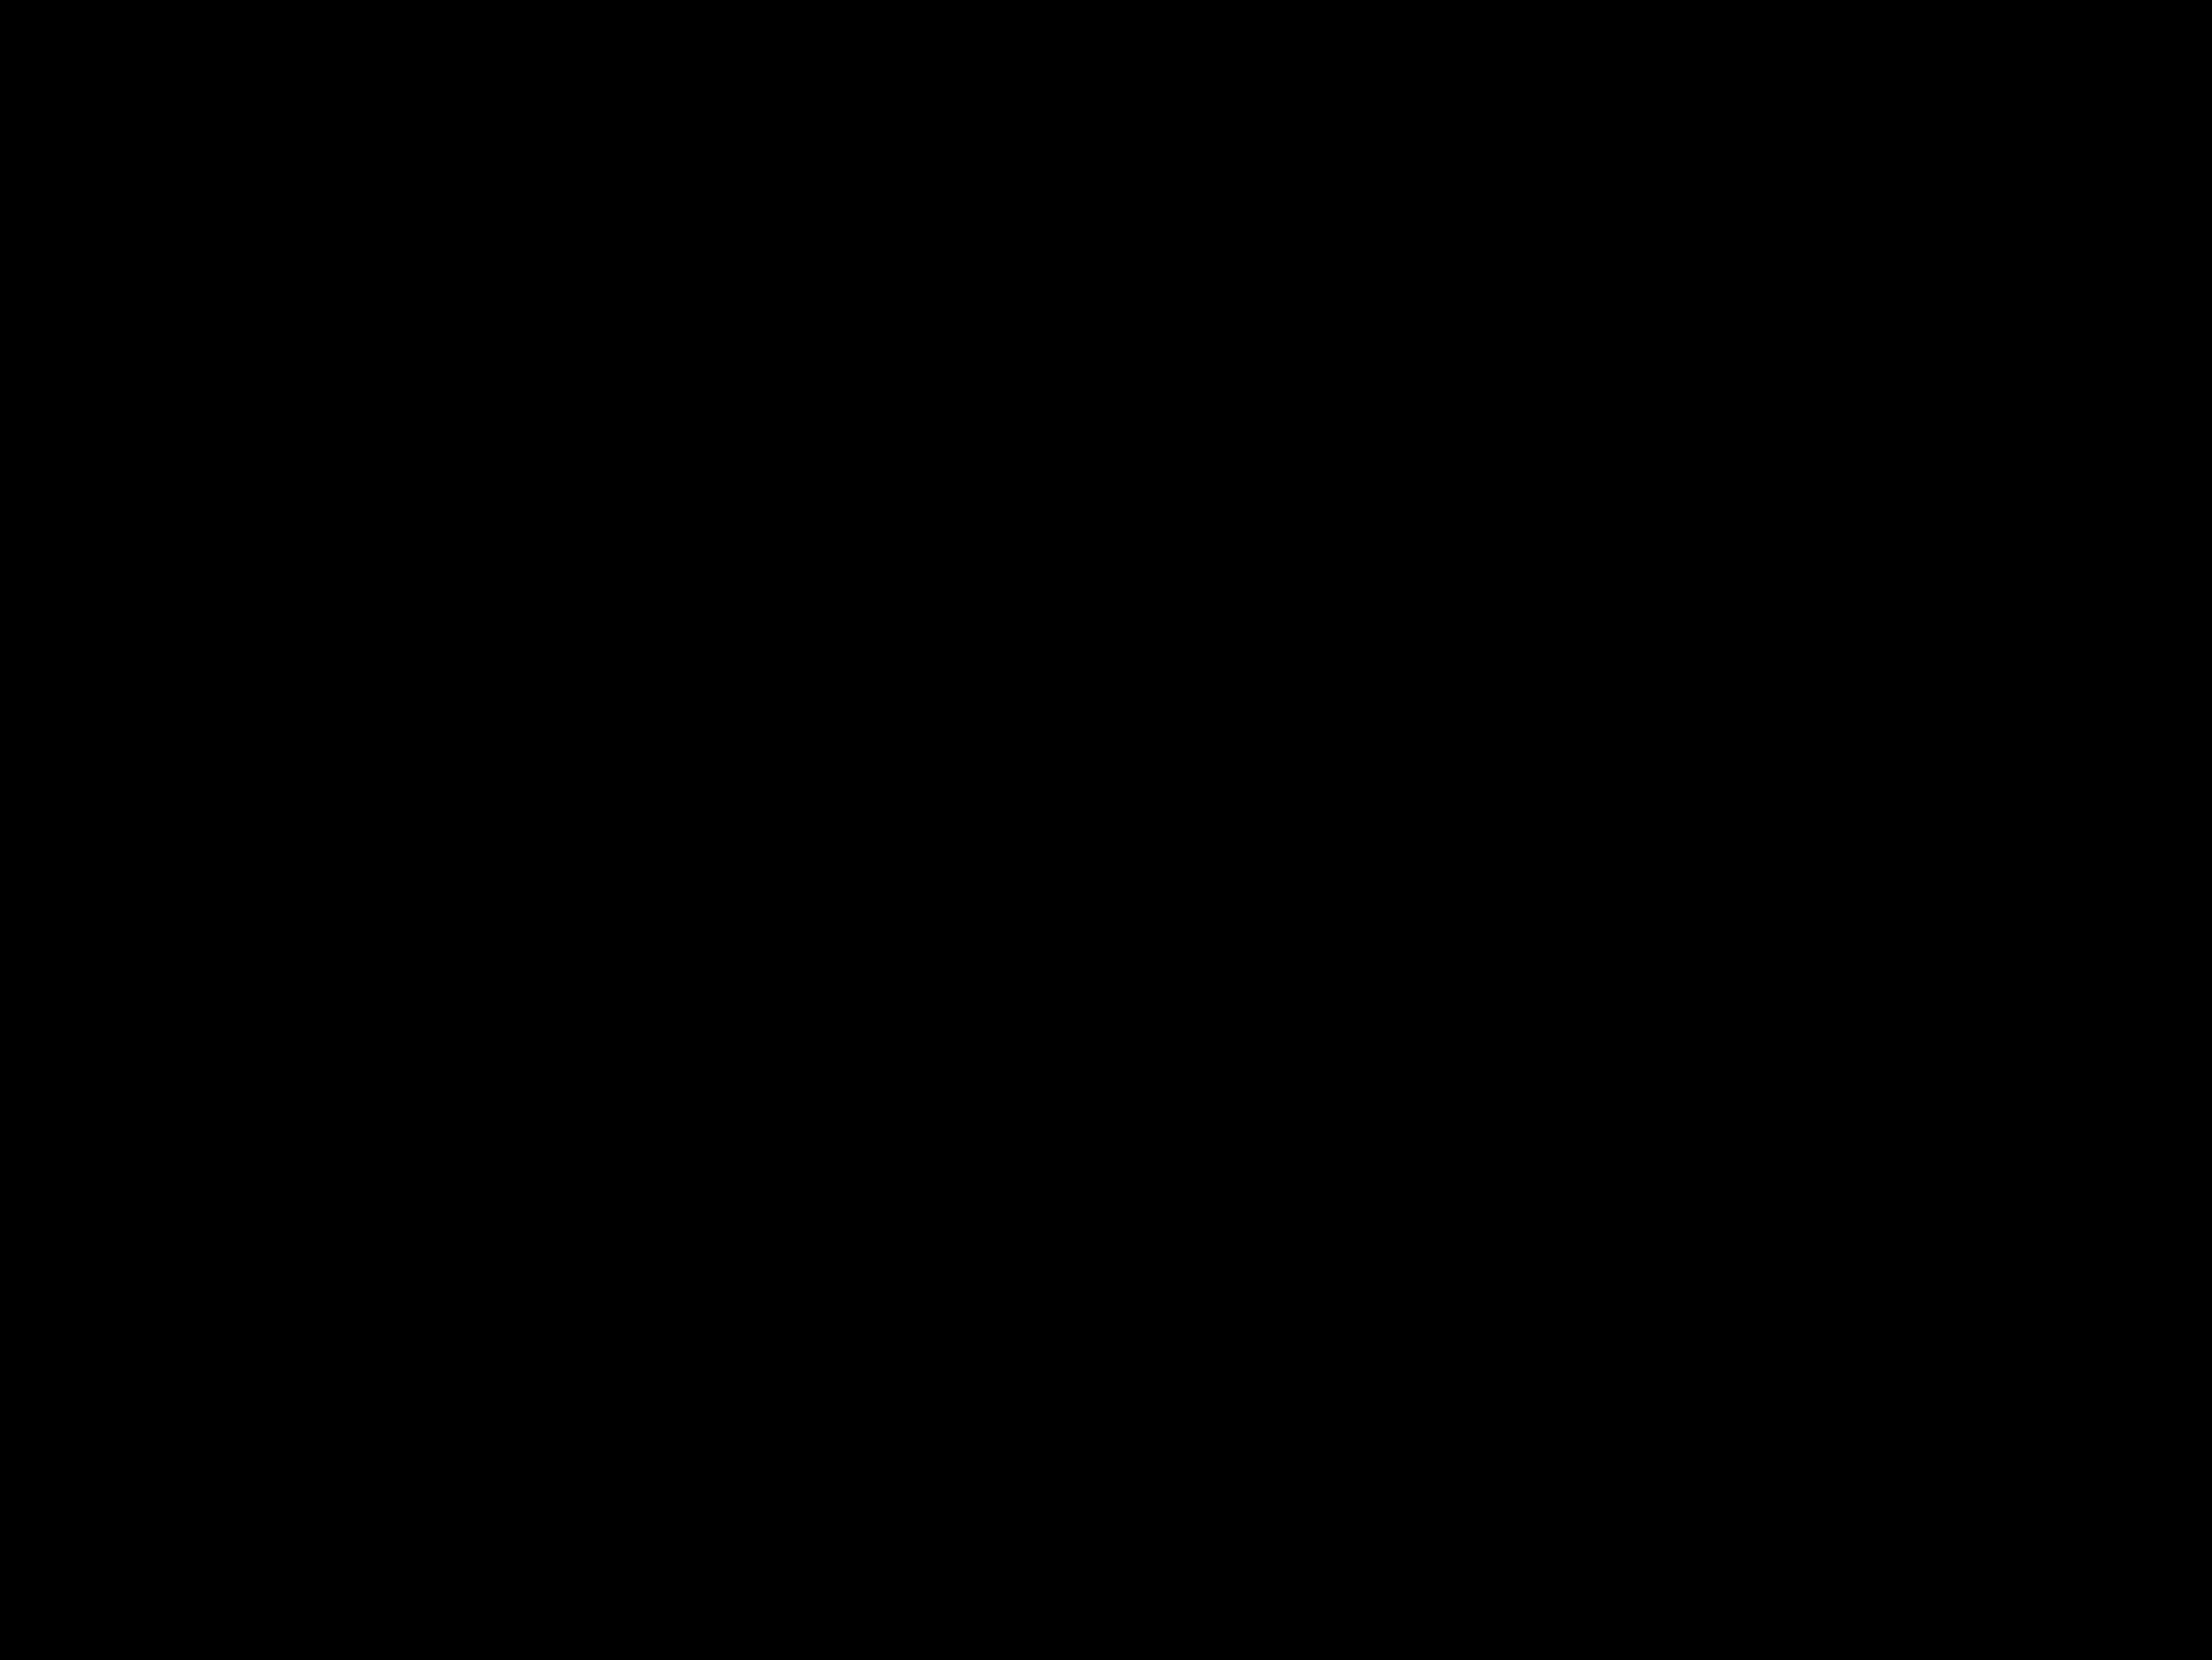 Frohe Weihnachten und einen guten Start ins neue Jahr 2019